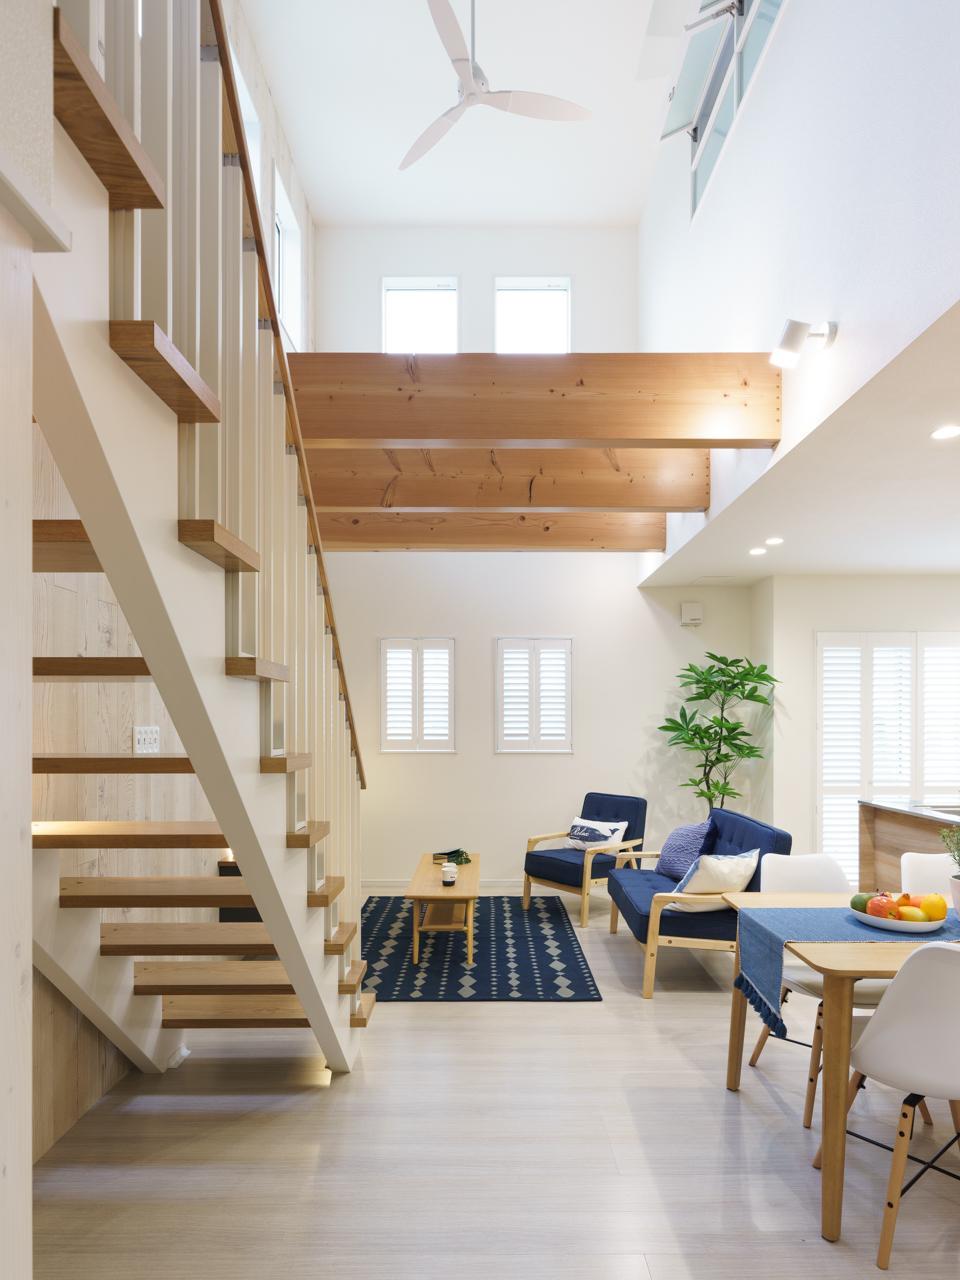 モデルハウス<BR>◆リビング階段もインテリアの一部として採用するおしゃれ上級者の技がちらり。階段下のスペースも有効に活用することができます。